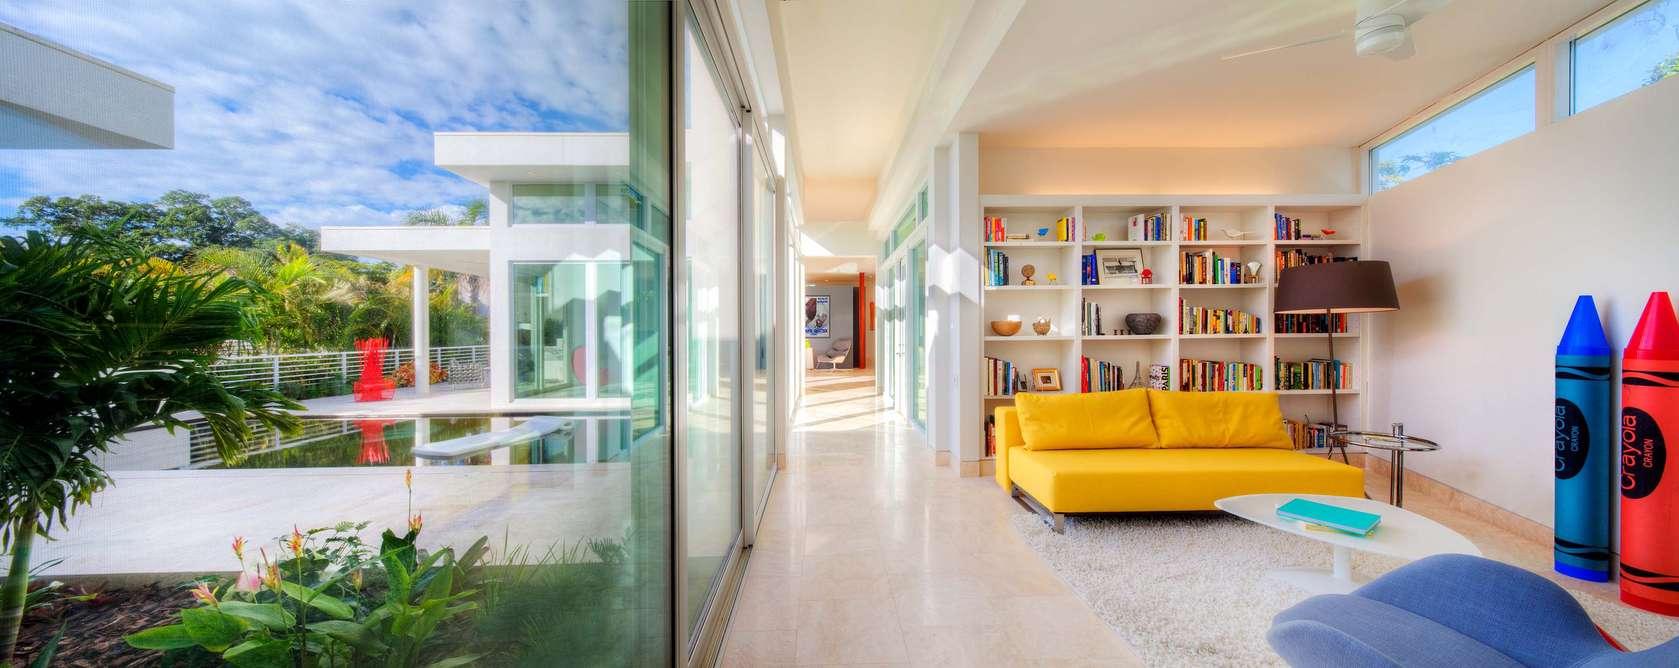 Lido Shores Residence 02.jpg